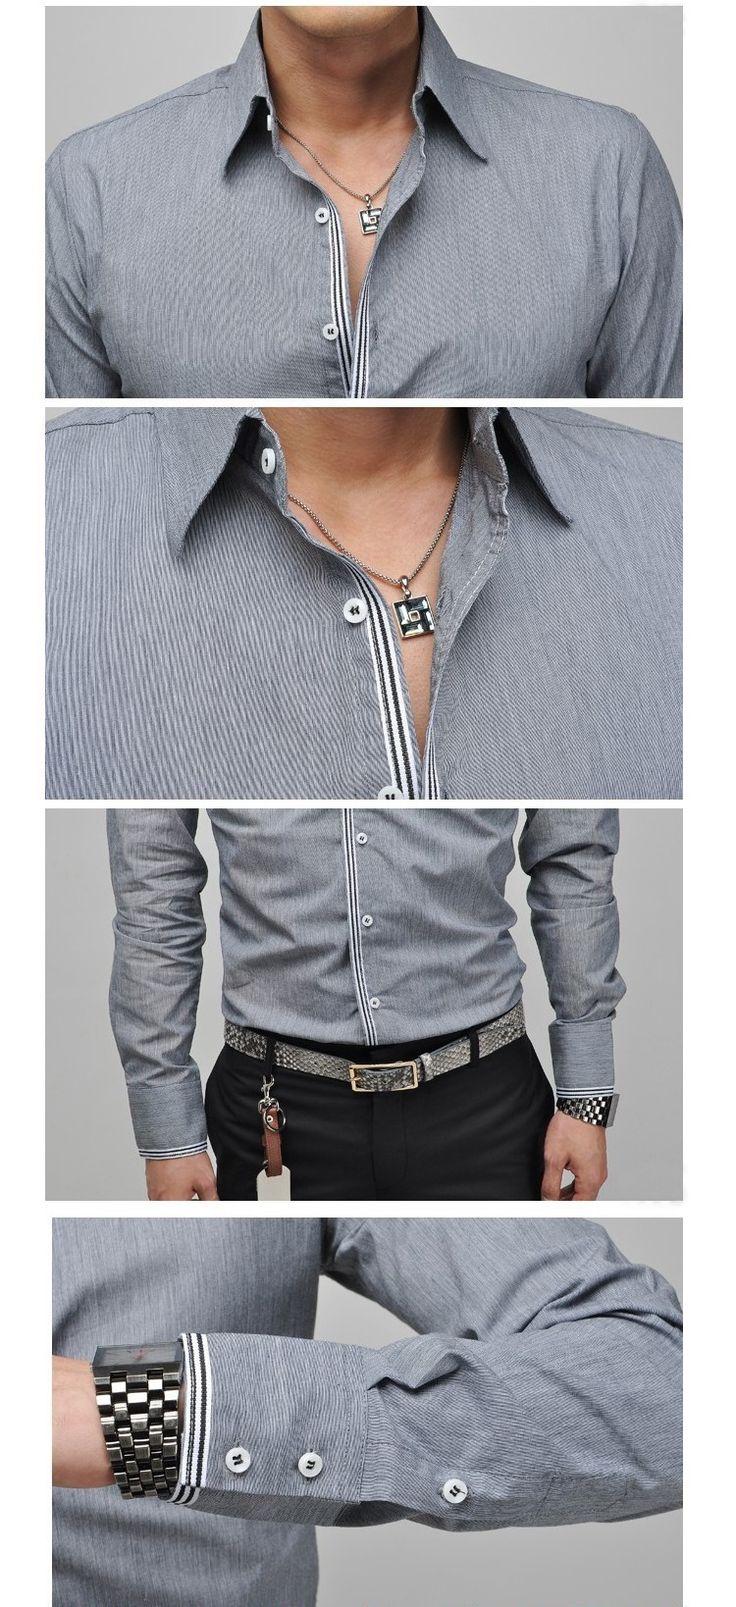 2014 nuevo diseño totalmente nuevo estilo de camisas para hombre de alta calidad ocasional camisas slim fit tamaño vestido de noche de la moda de los hombres: